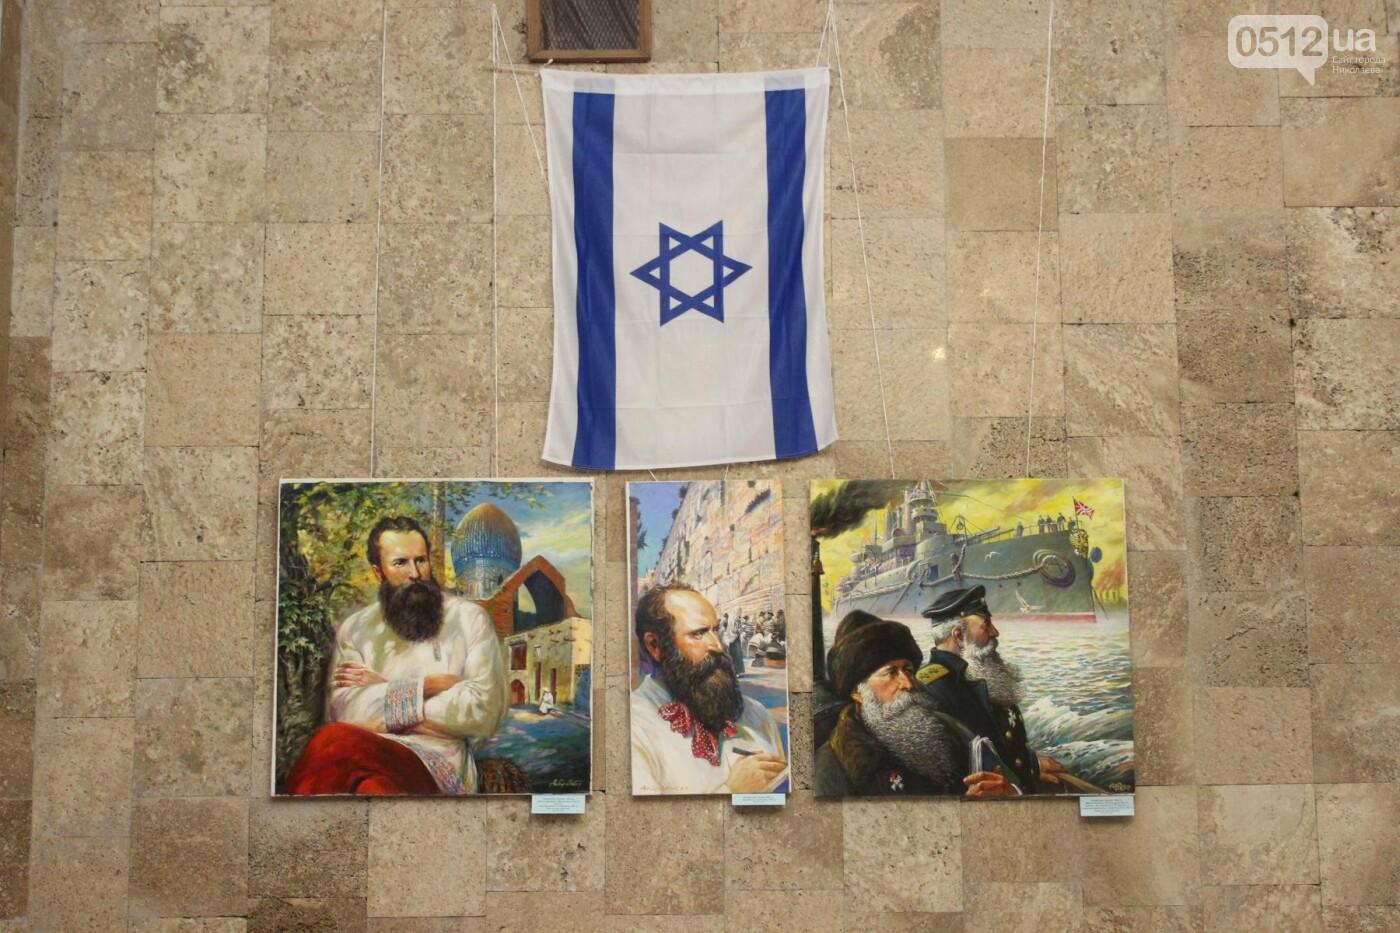 В Николаеве презентовали работы израильских художников к 175-ти летию Верещагина, - ФОТО, фото-17